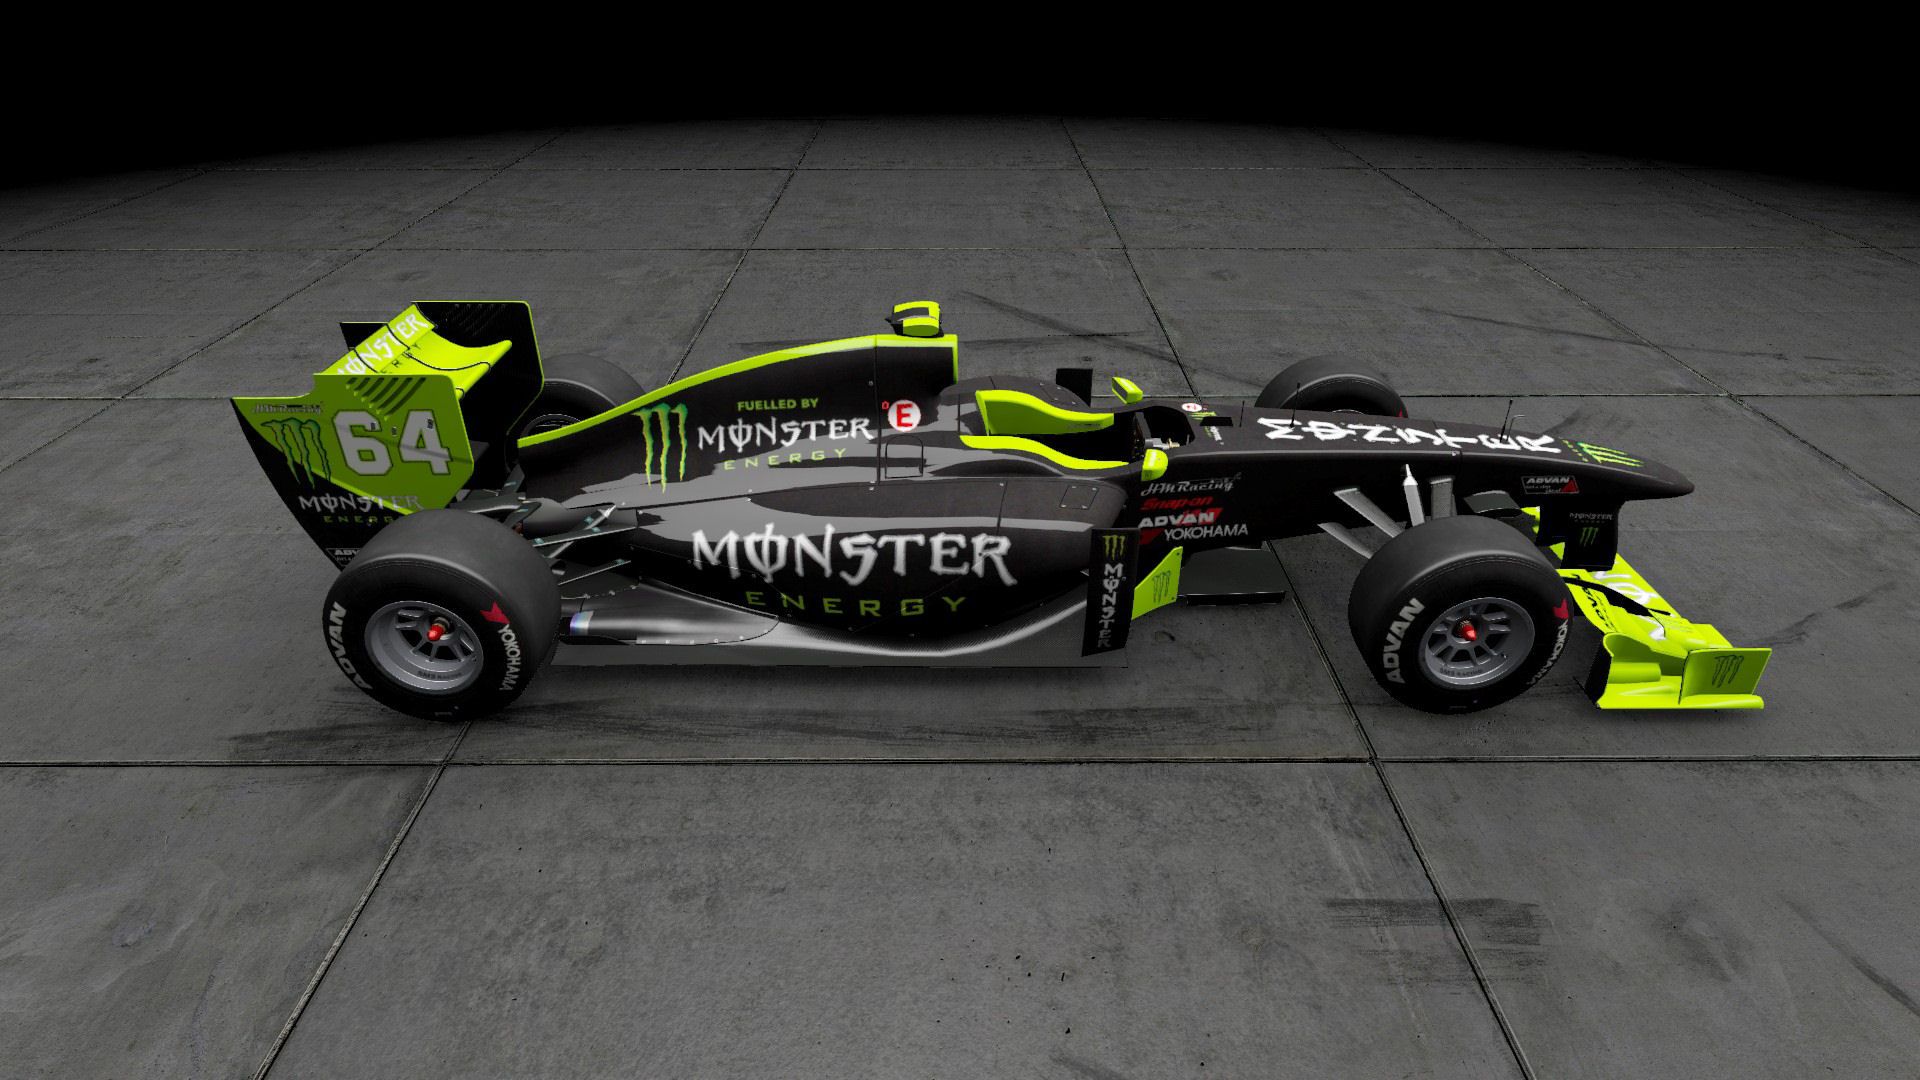 Monster Energy Formula A 02.jpg